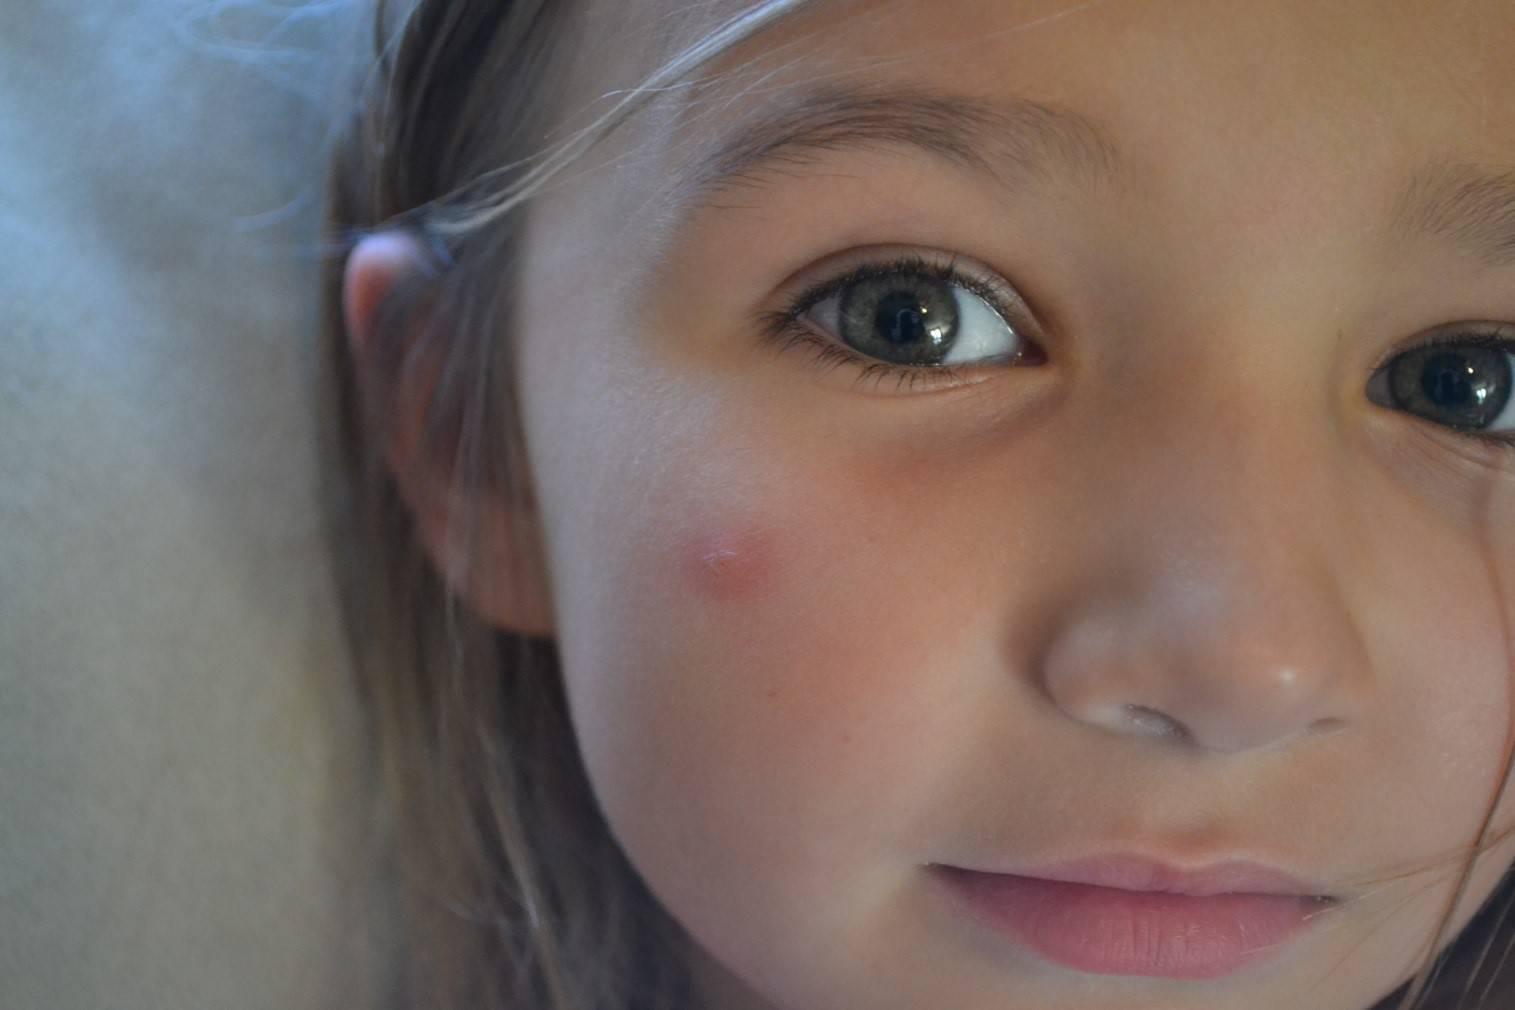 В глаз укусила мошка - что делать? ребенка укусила мошка в глаз, опух глаз - что делать?